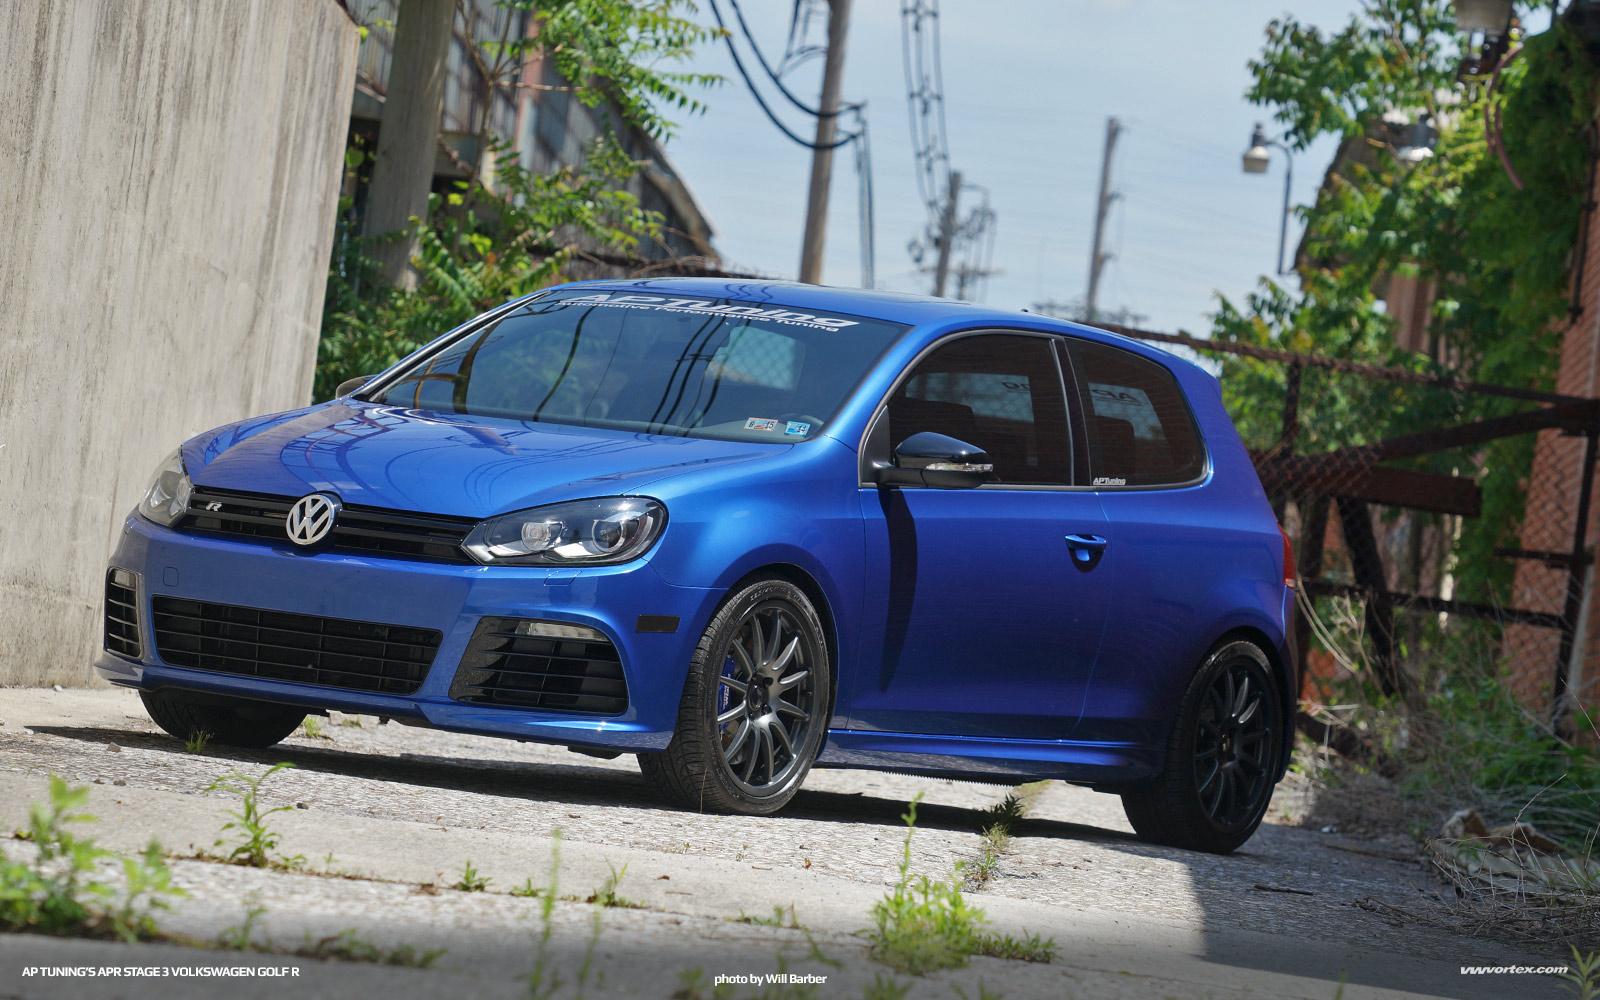 Worksheet. APTunings APR Stage 3 Volkswagen Golf R  VWVortex